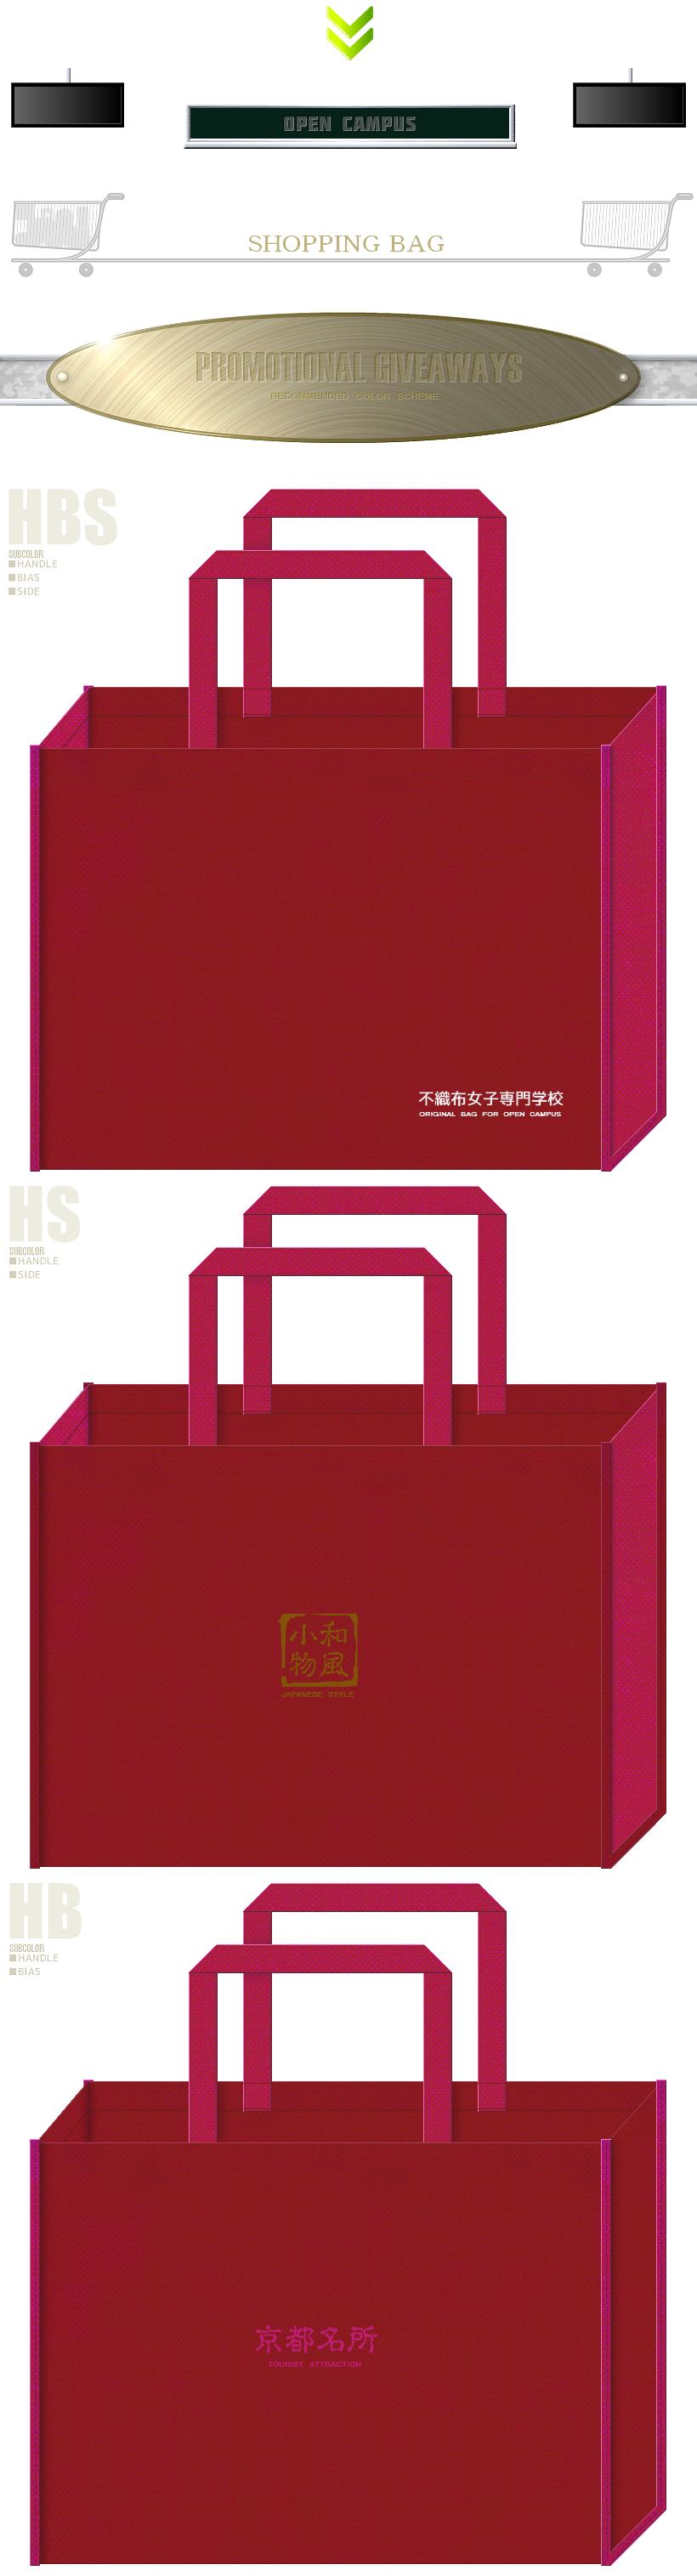 エンジ色と濃ピンク色の不織布バッグデザイン:上- 女子学校のオープンキャンパス用のバッグ 中- 和風小物のショッピングバッグ 下- 京都観光のノベルティ